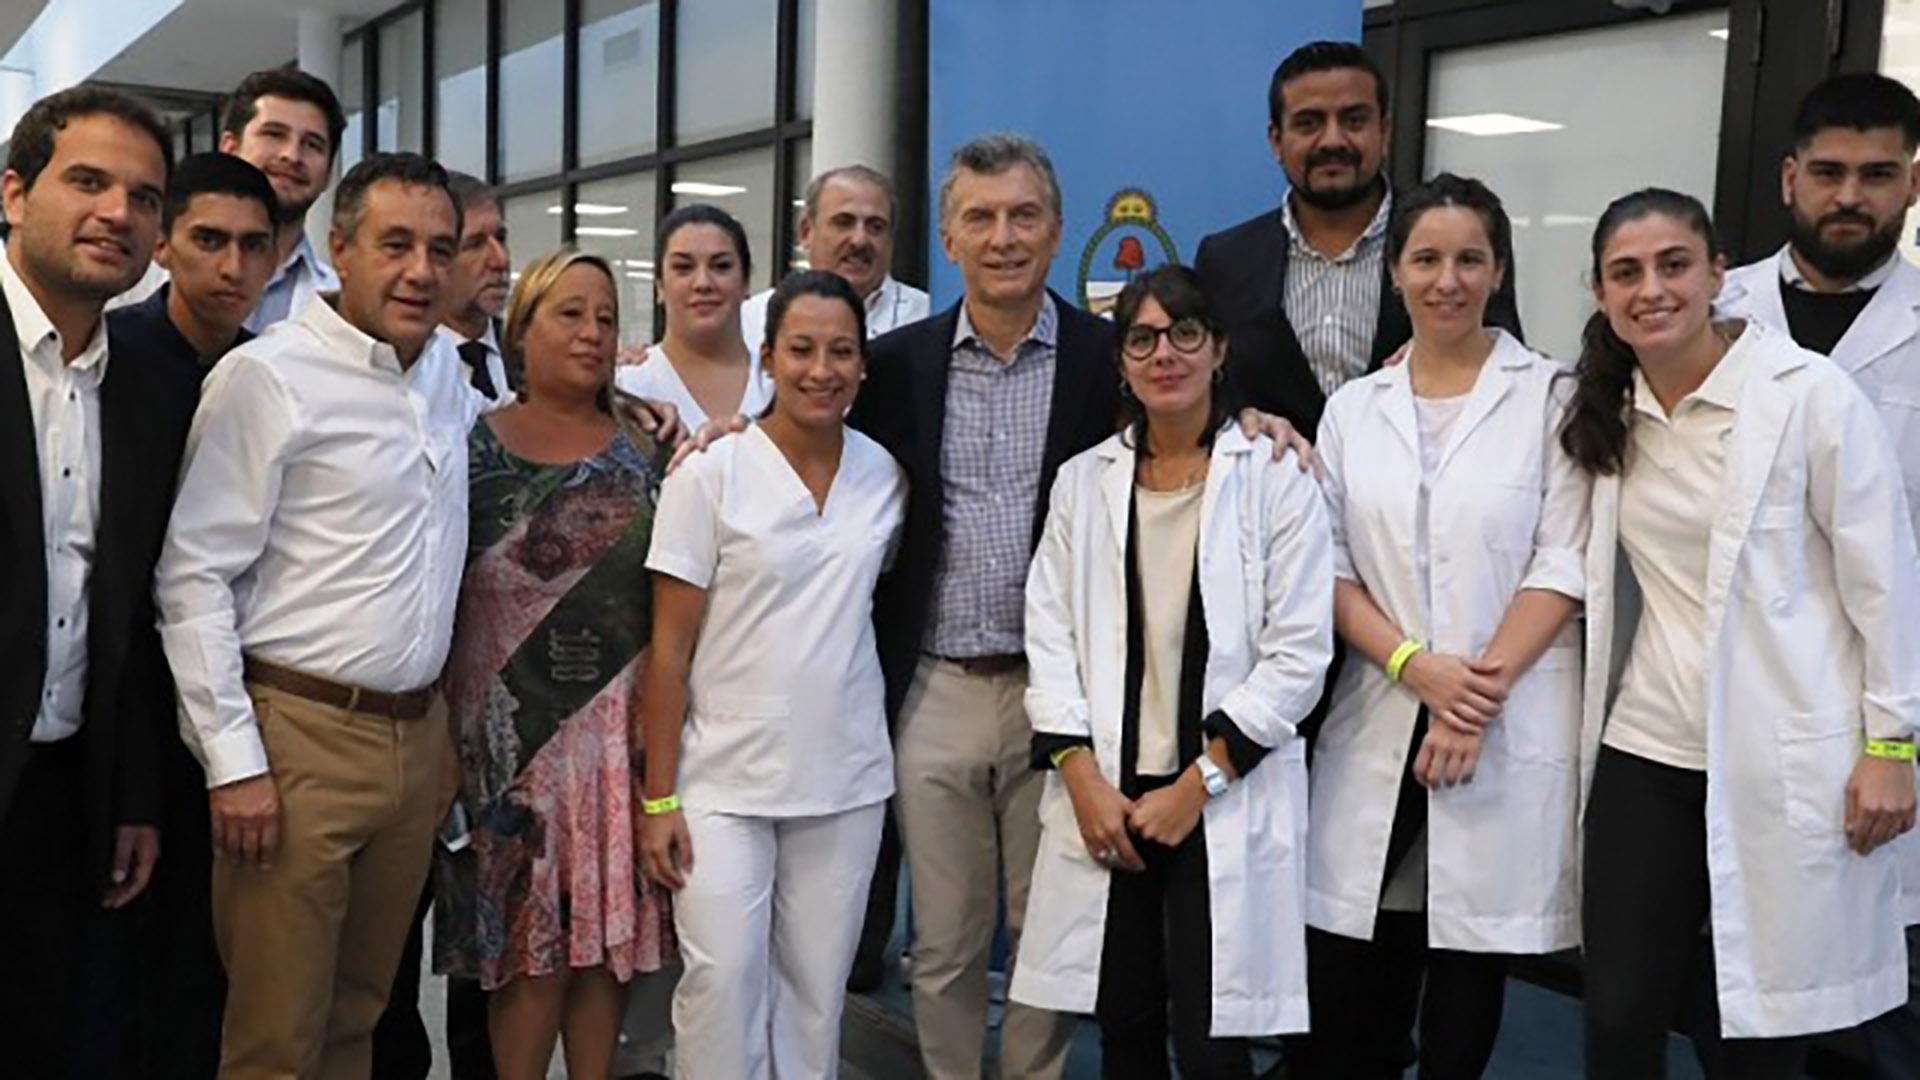 Mauricio Macri, en el Centro Nacional de Simulación Clínica junto a médicos y enfermeros